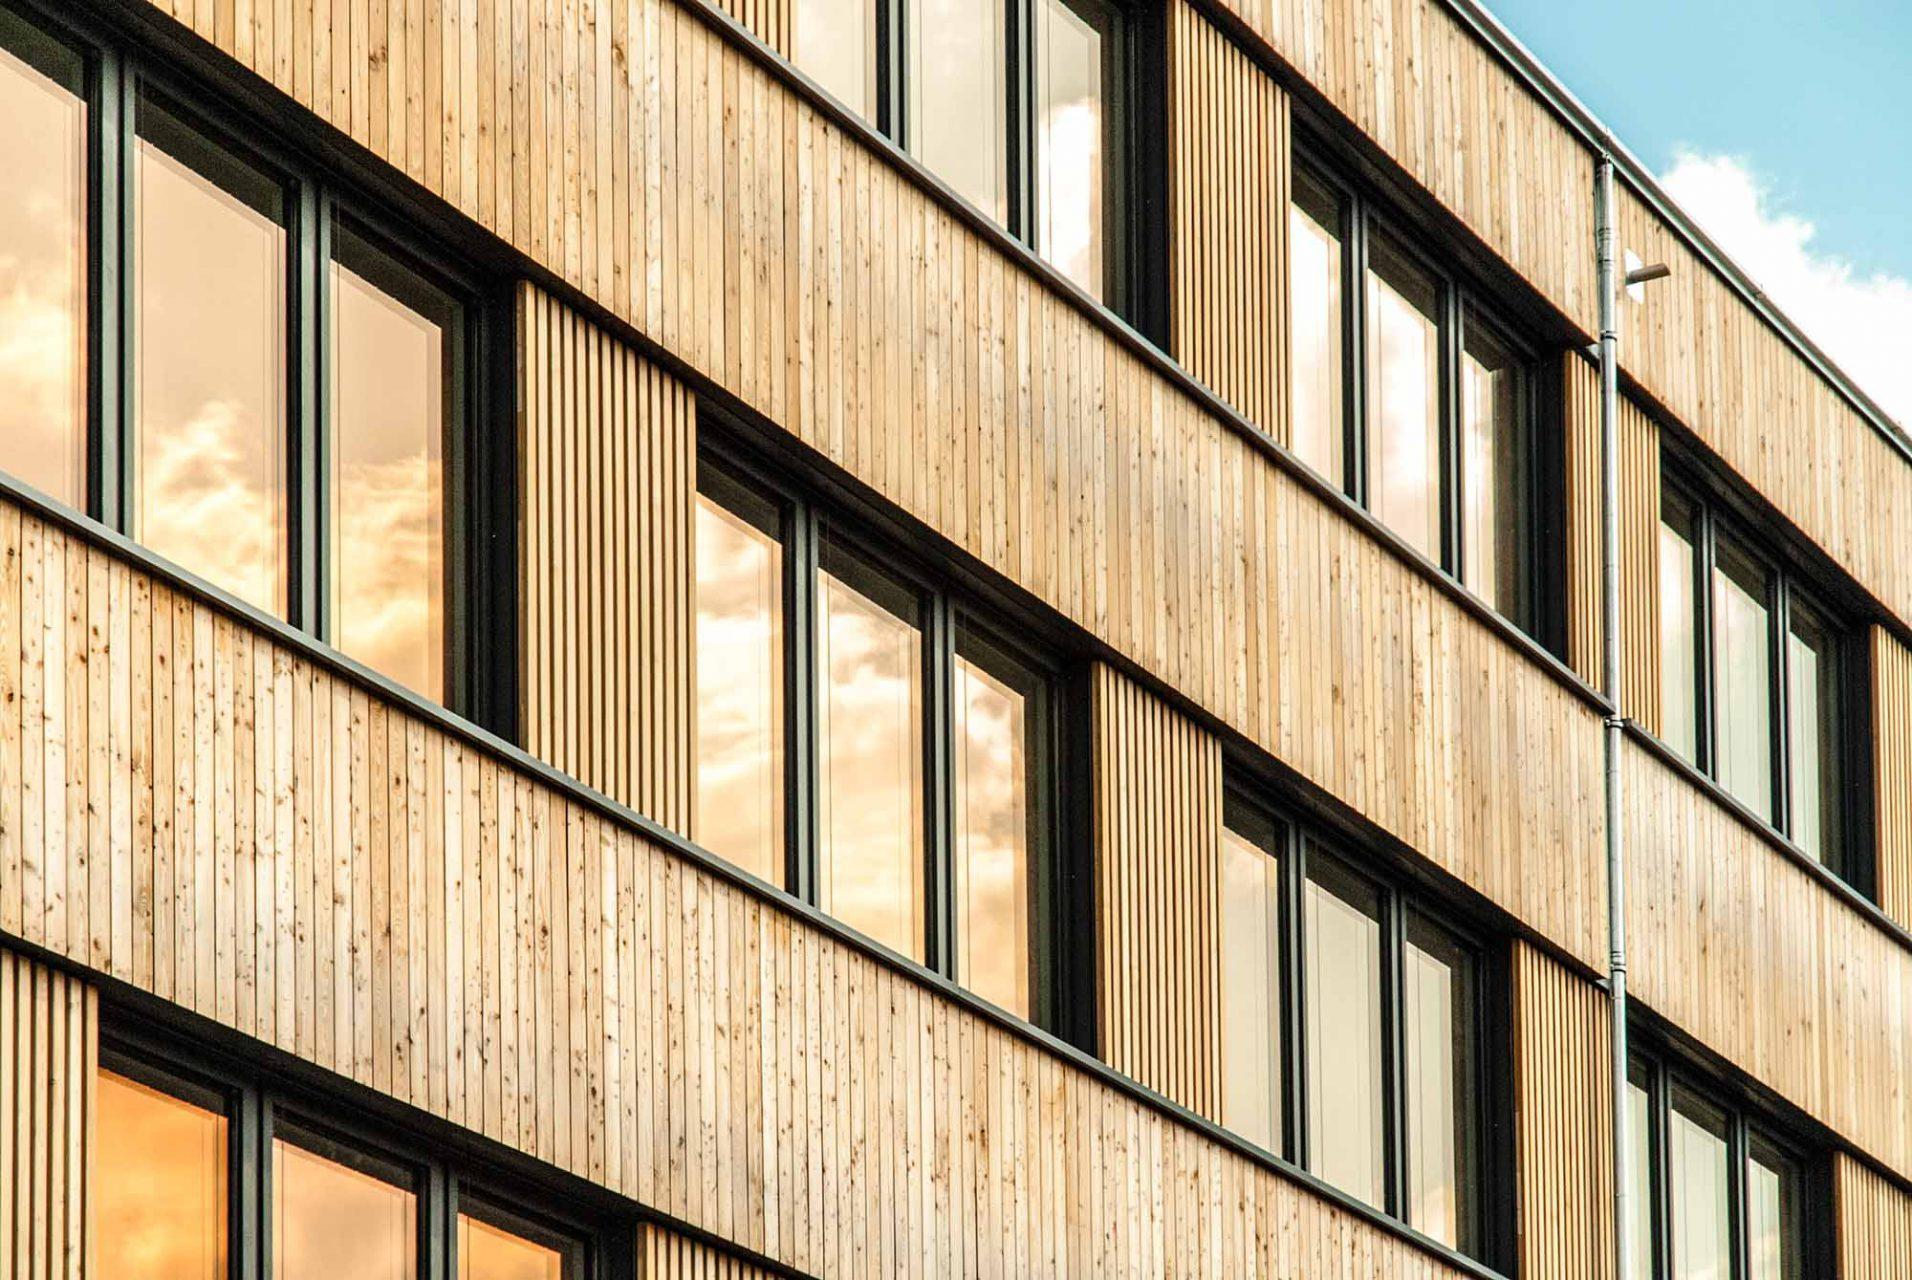 Neubau Firmengebäude Flexim, Berlin. Architektur: Roswag Architekten. Tragwerksplanung: Ziegert | Seiler Ingenieure und IBRF GmbH